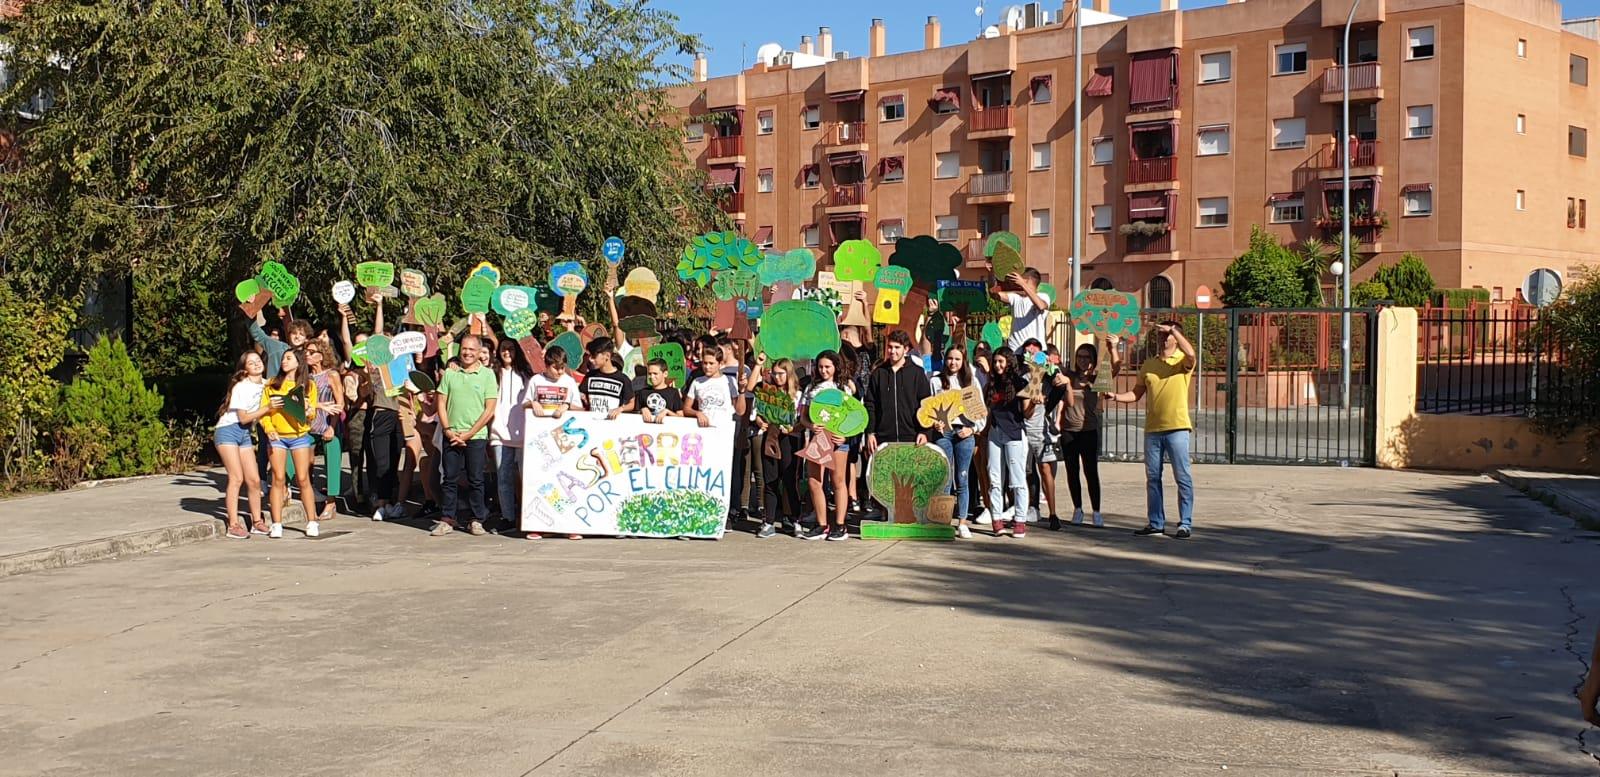 Concentración de alumnos y profesores en el patio del instituto